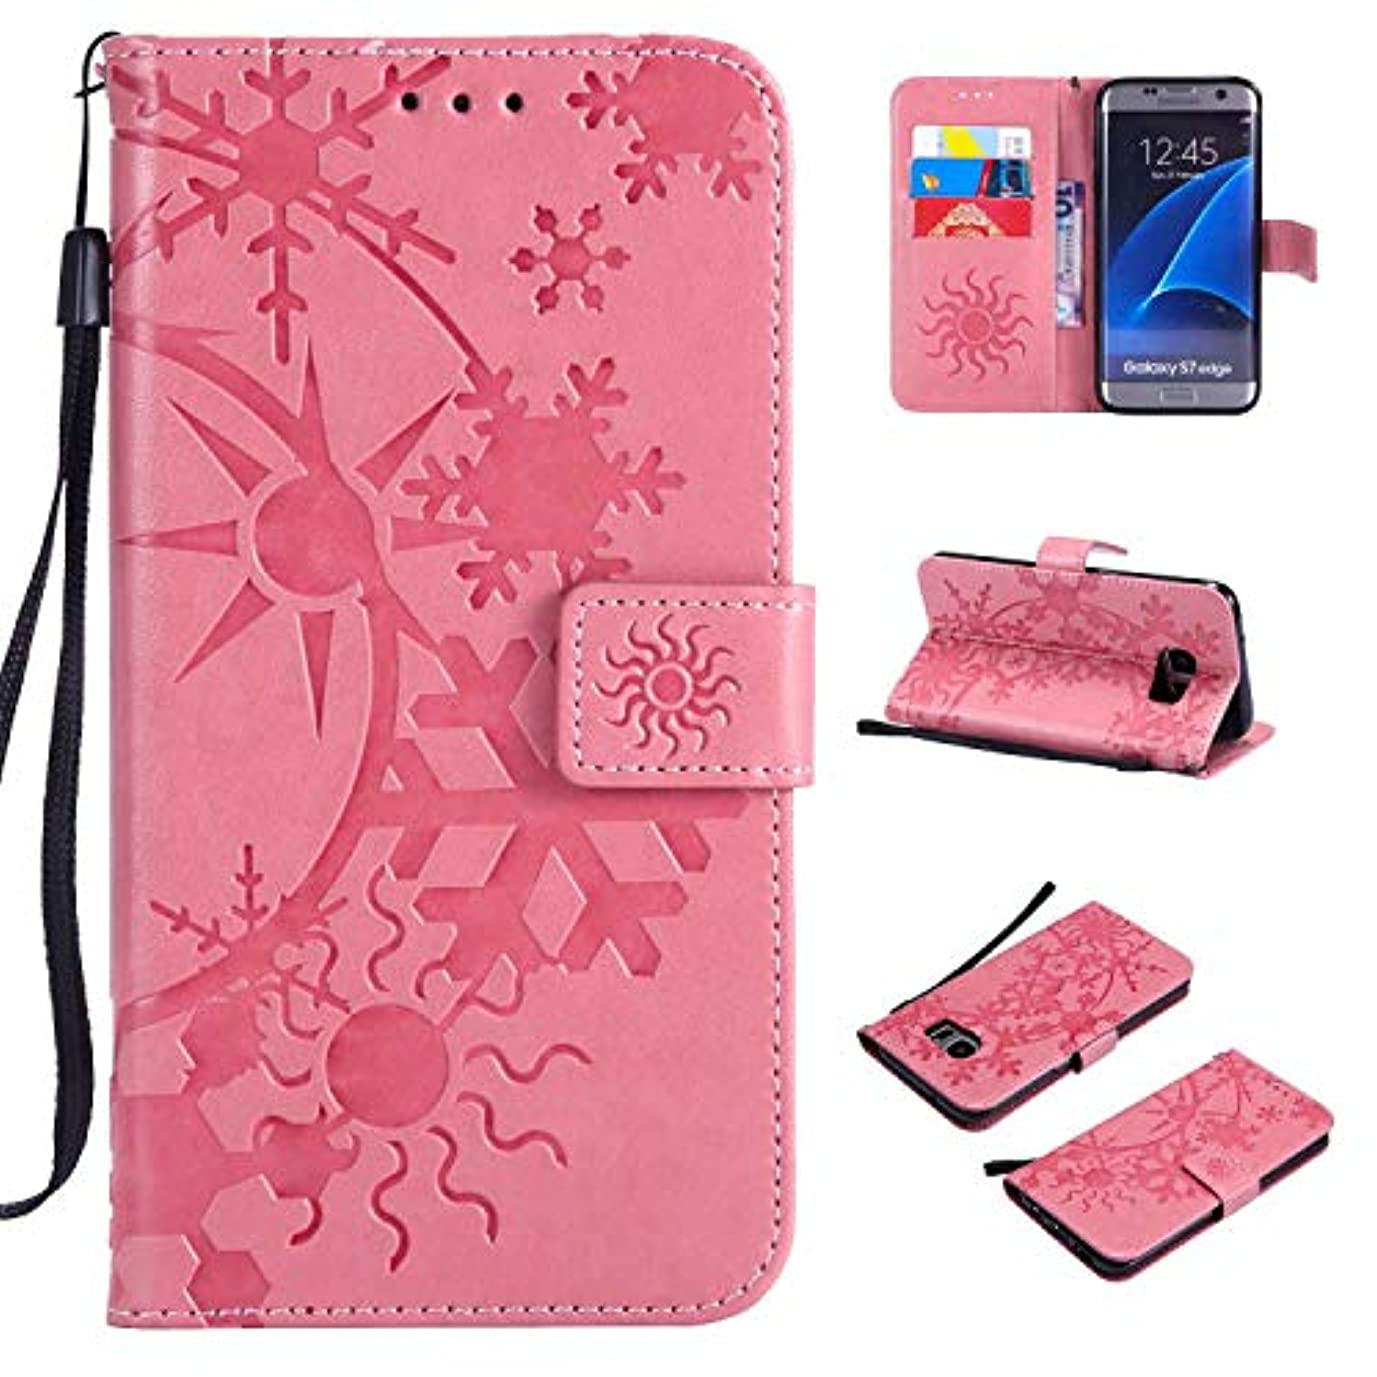 閉塞漫画抵抗Galaxy S7 Edge ケース CUSKING 手帳型 ケース ストラップ付き かわいい 財布 カバー カードポケット付き Samsung ギャラクシー S7 Edge マジックアレイ ケース - ピンク